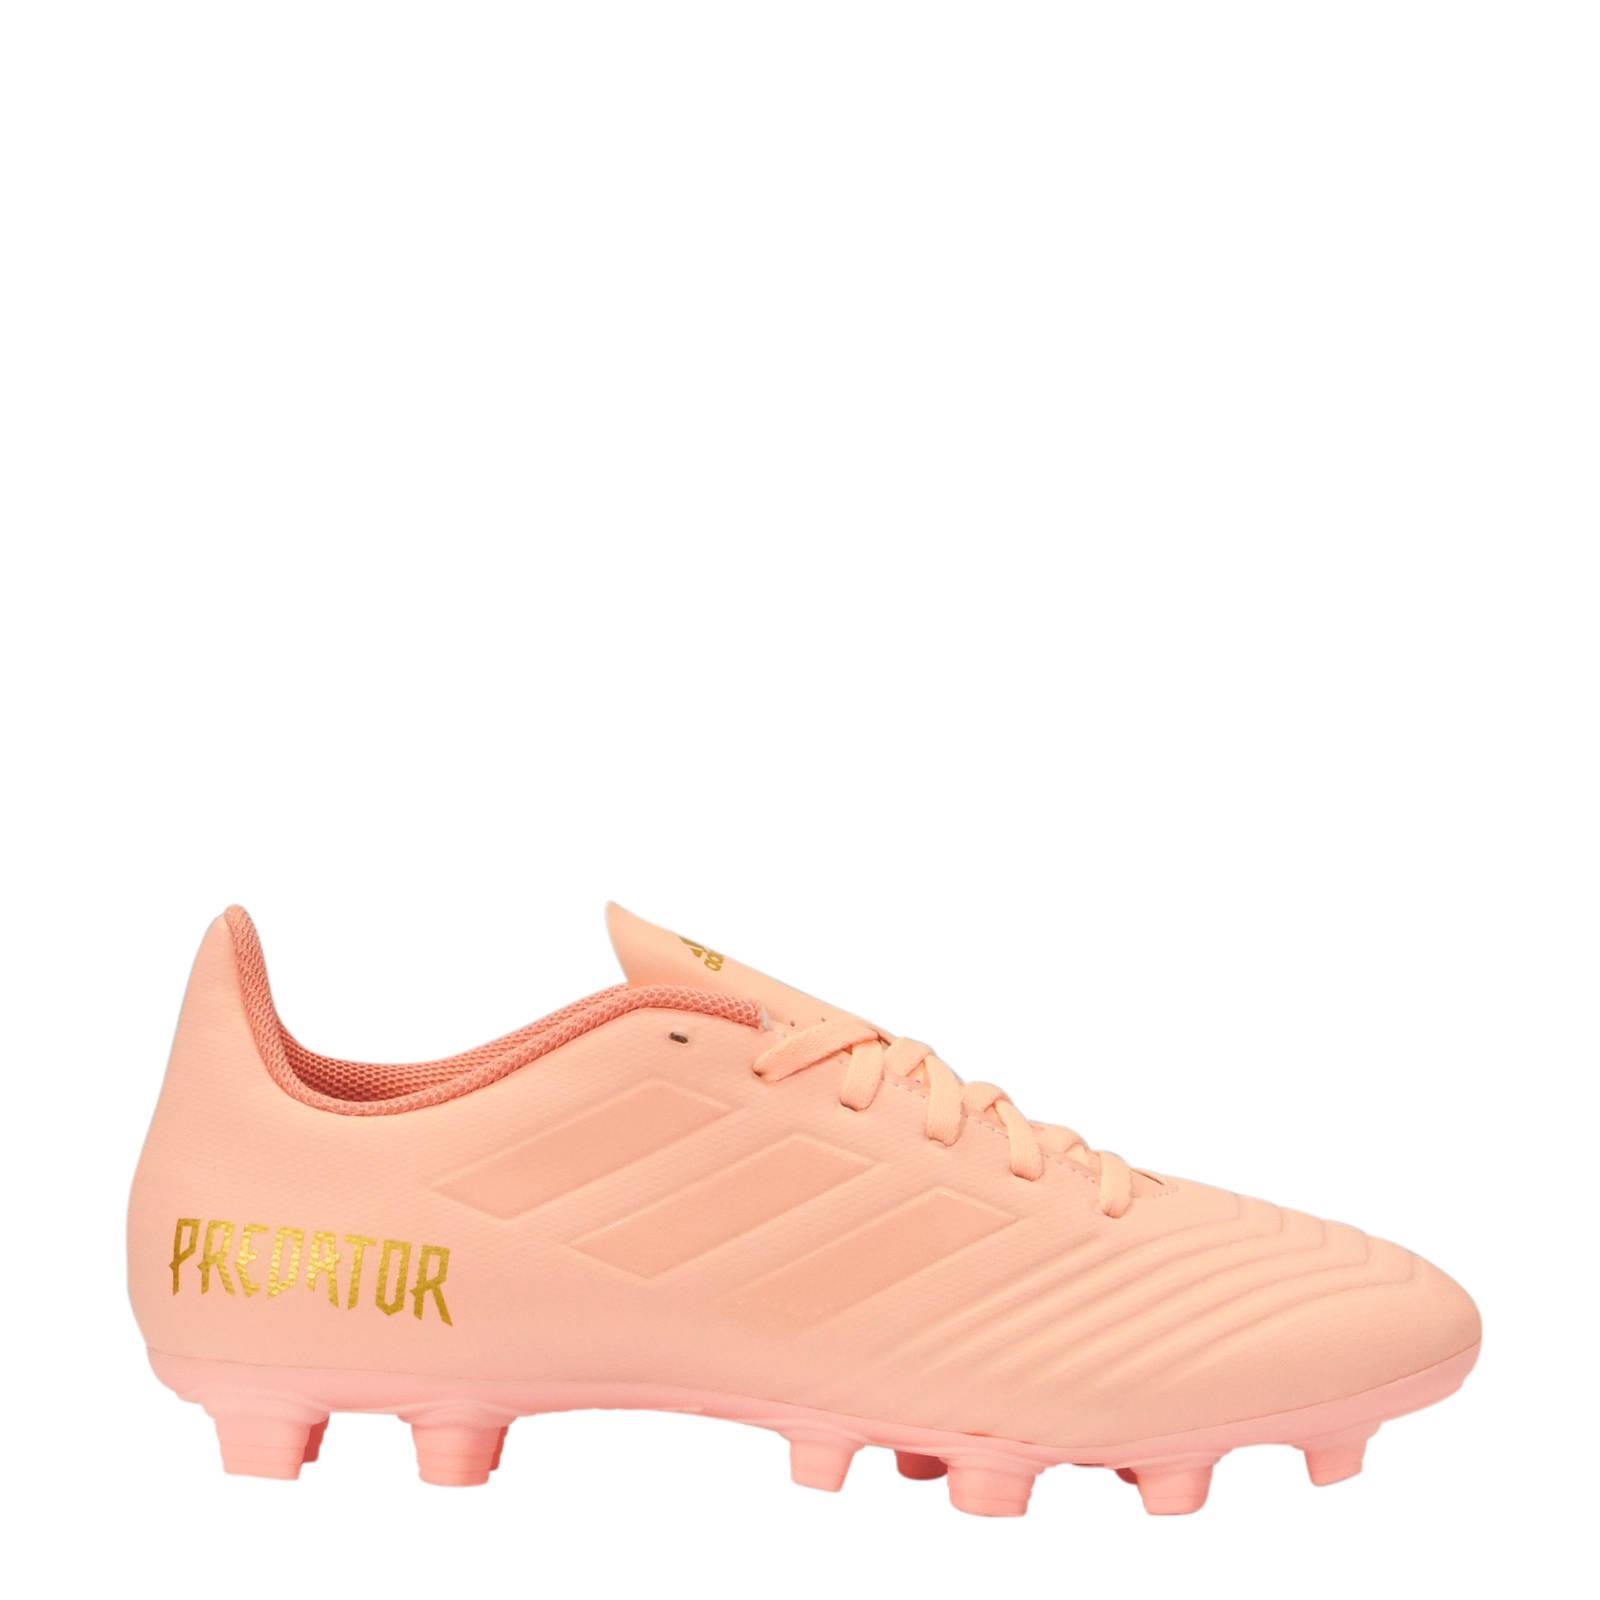 roze adidas voetbalschoenen